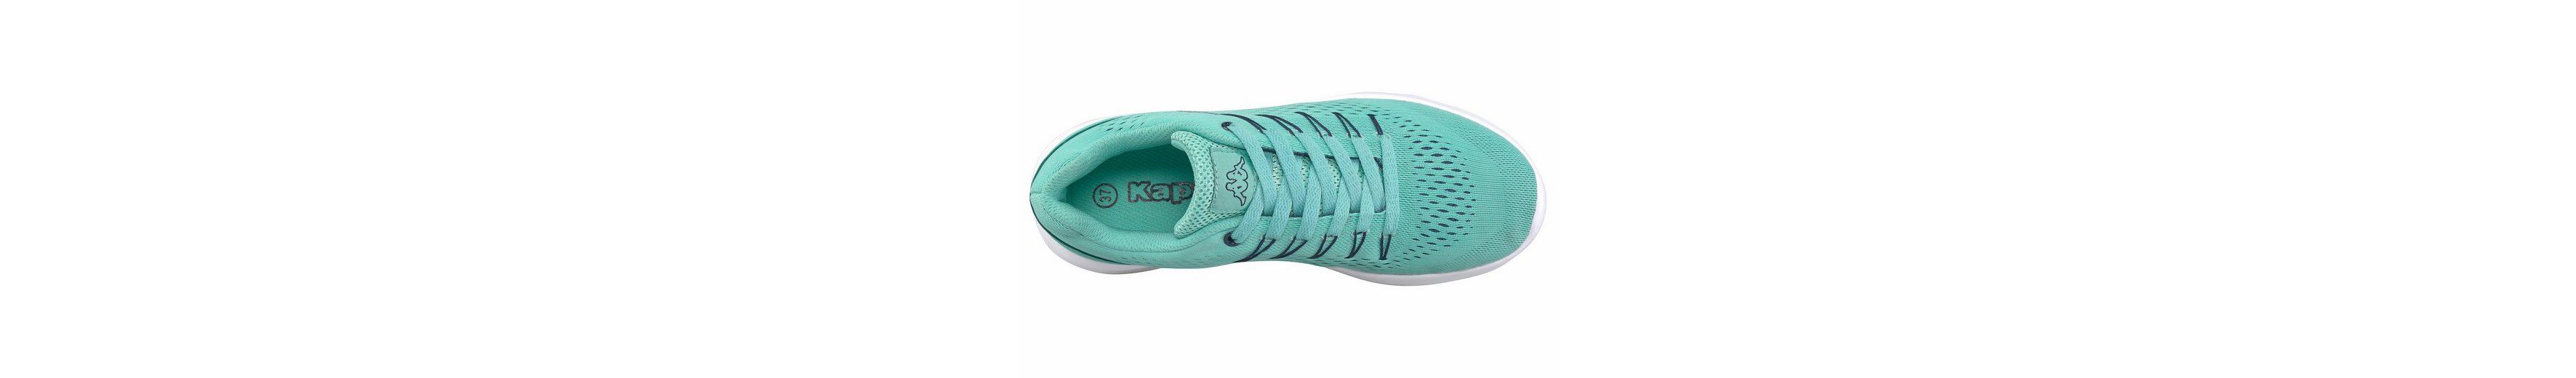 Kappa Nexus Sneaker Freies Verschiffen Preiswerteste Auslass-Angebote Extrem Online Authentische Online Billig Extrem wUdUf